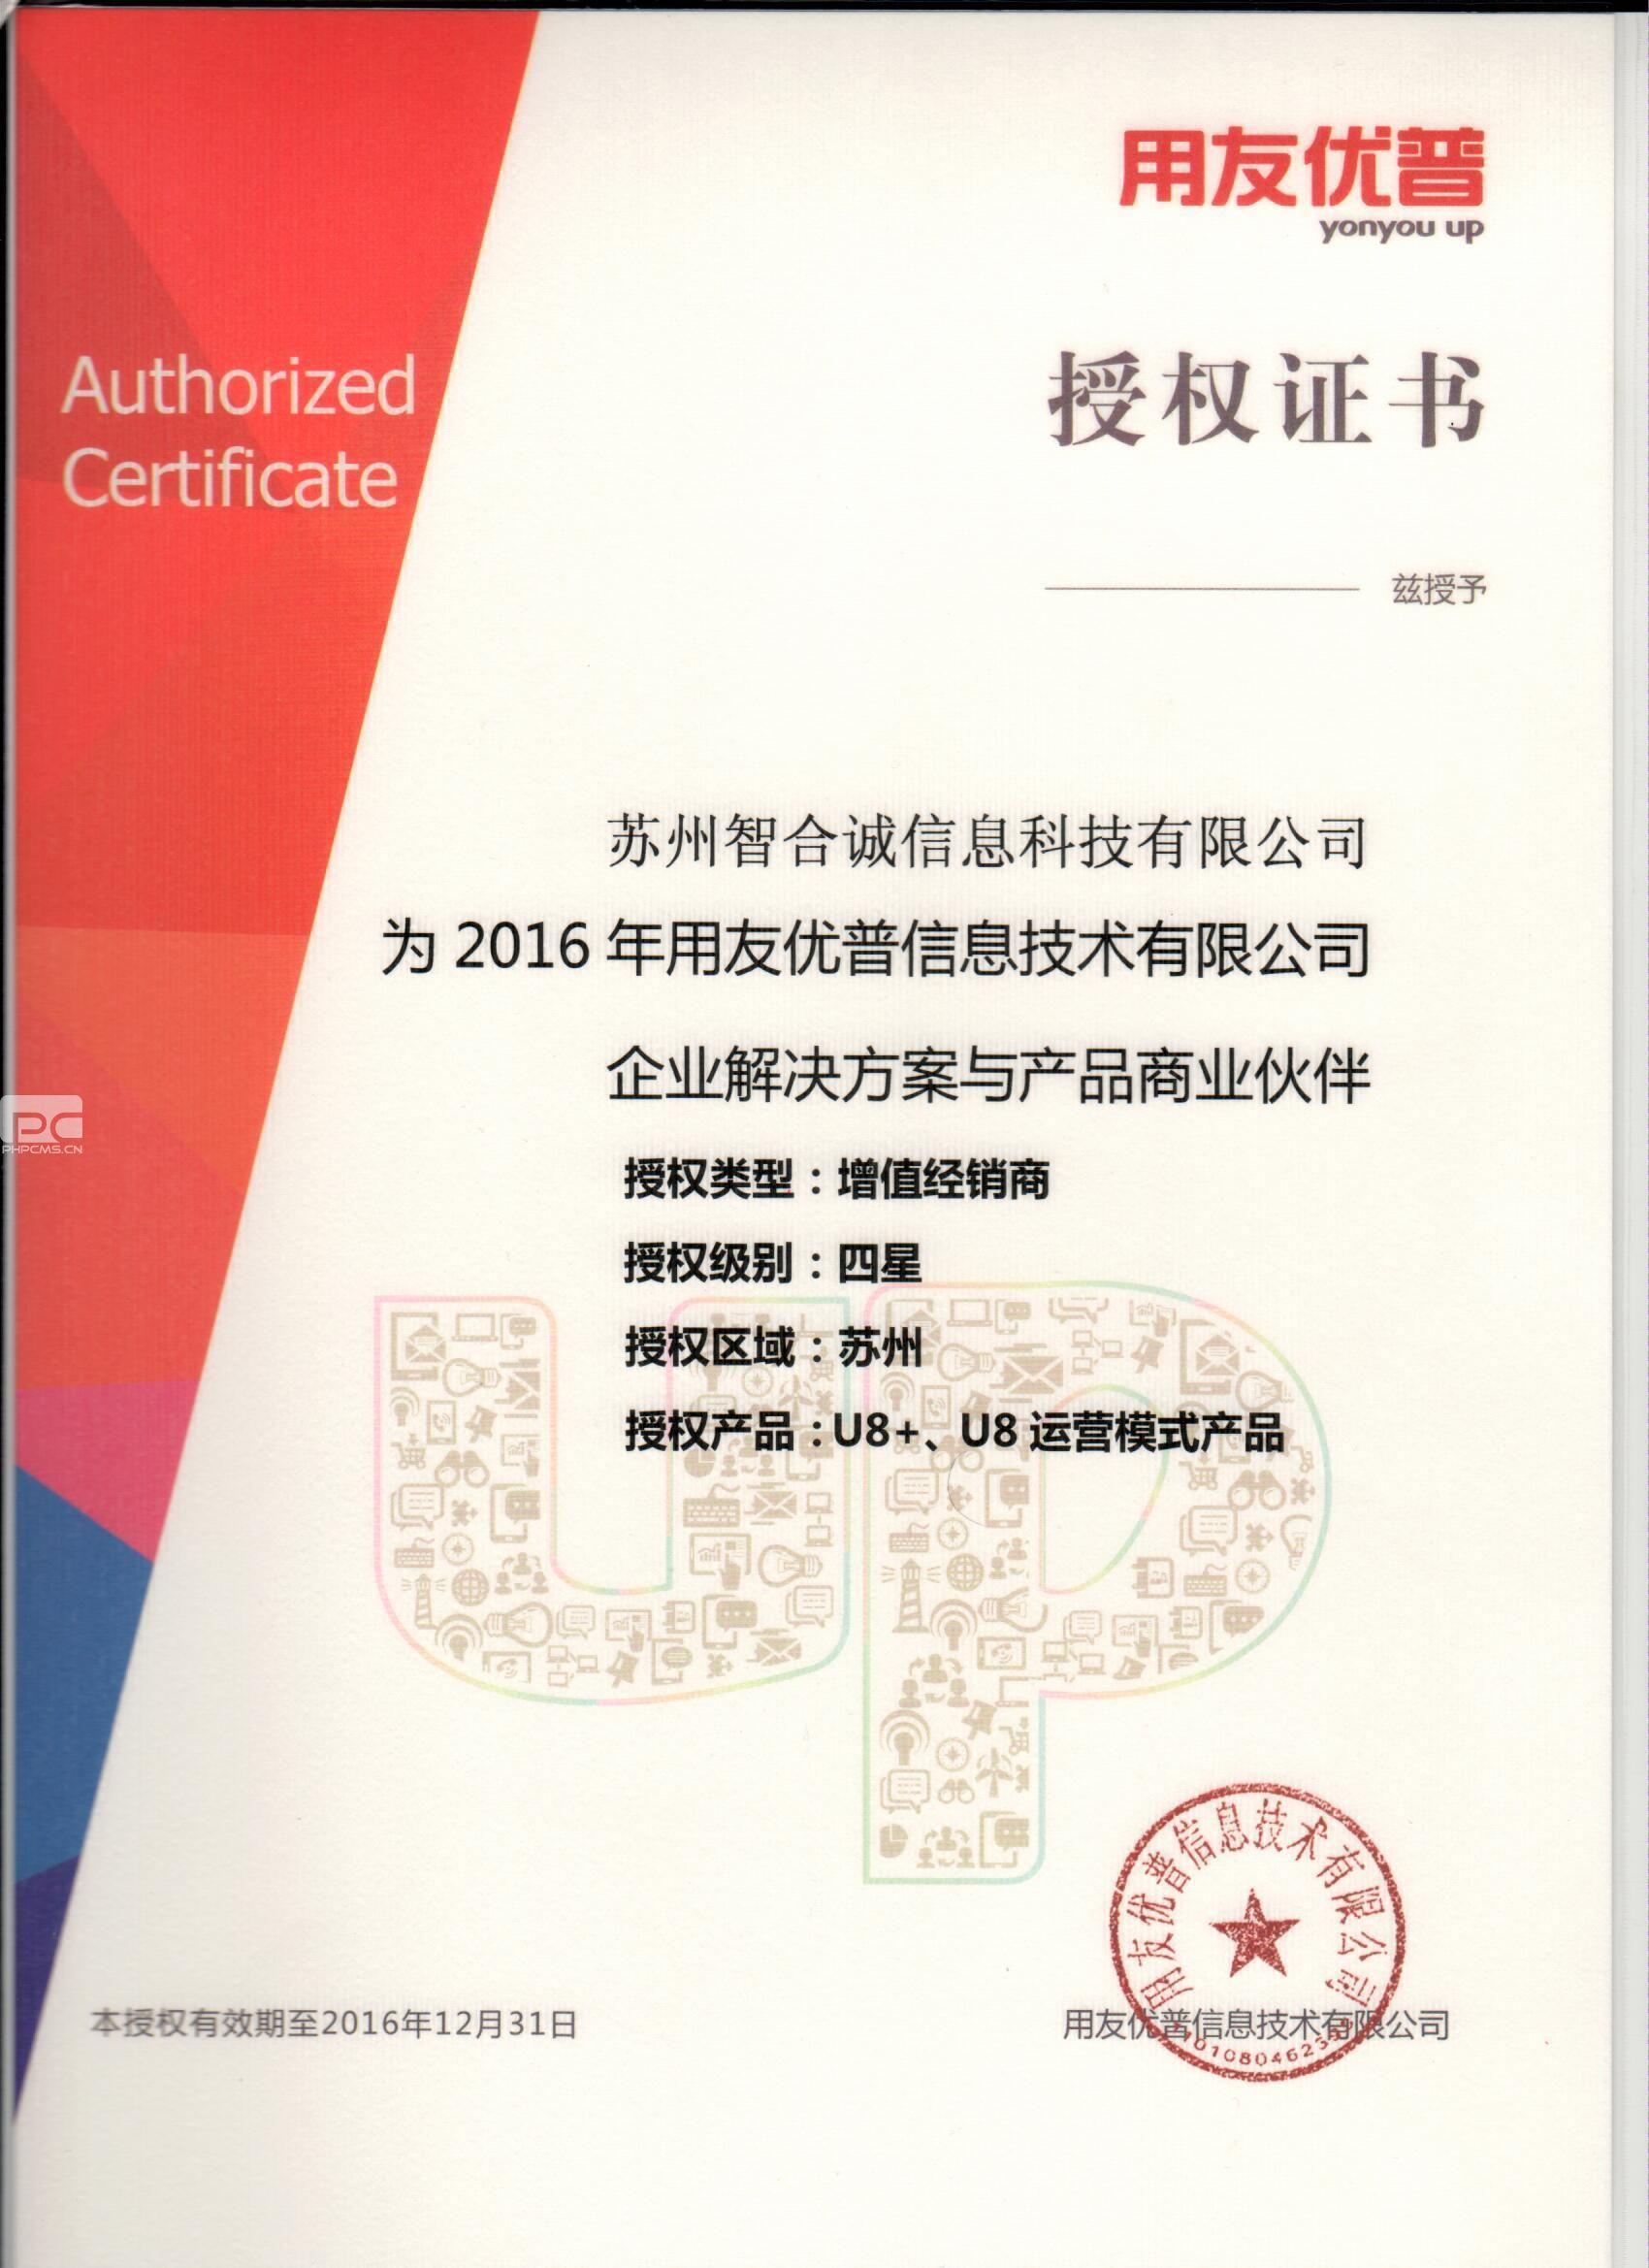 U8+,U8運營模式產品授權證書